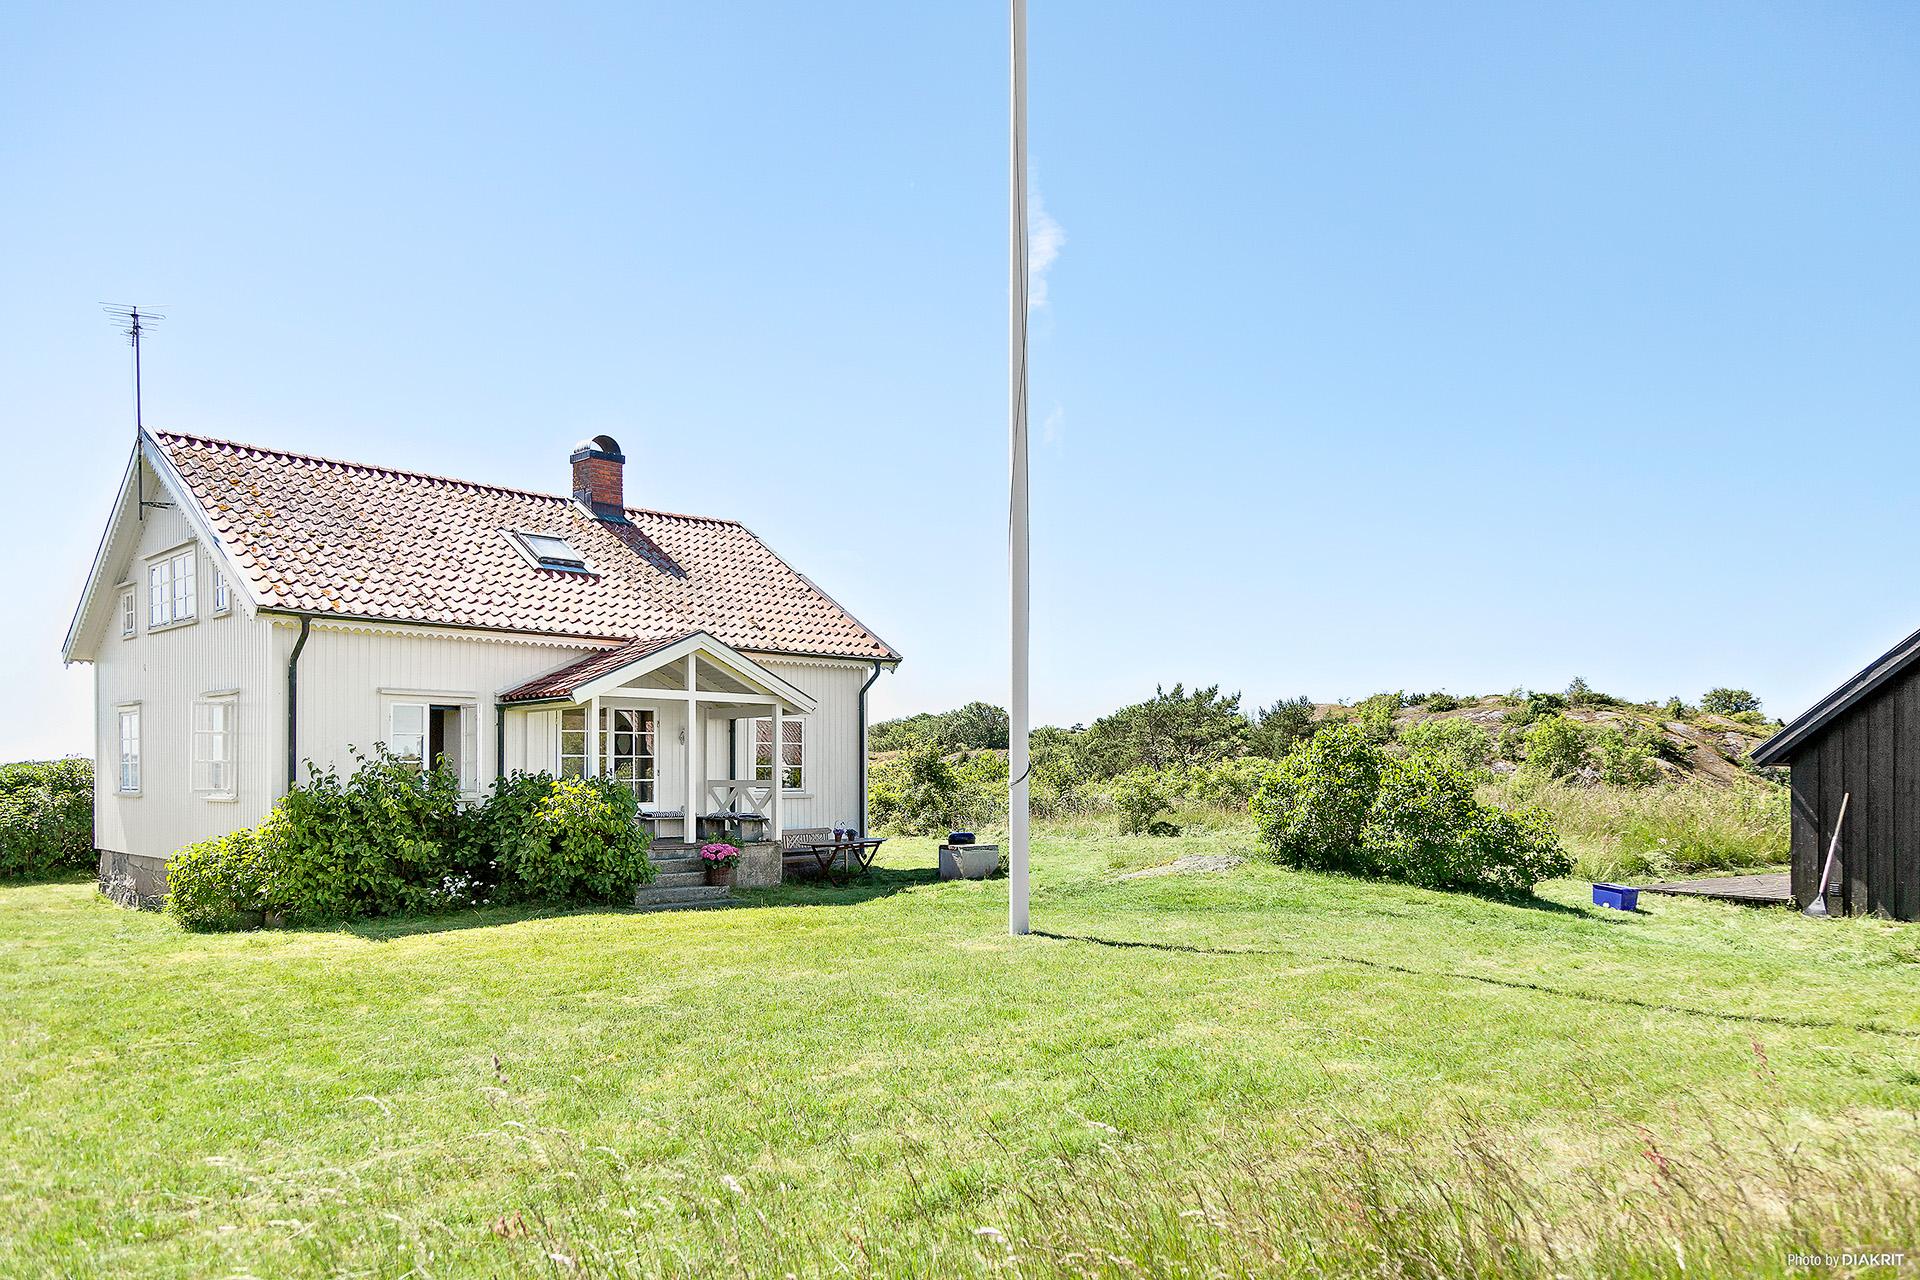 Villan och gräsmattan framför